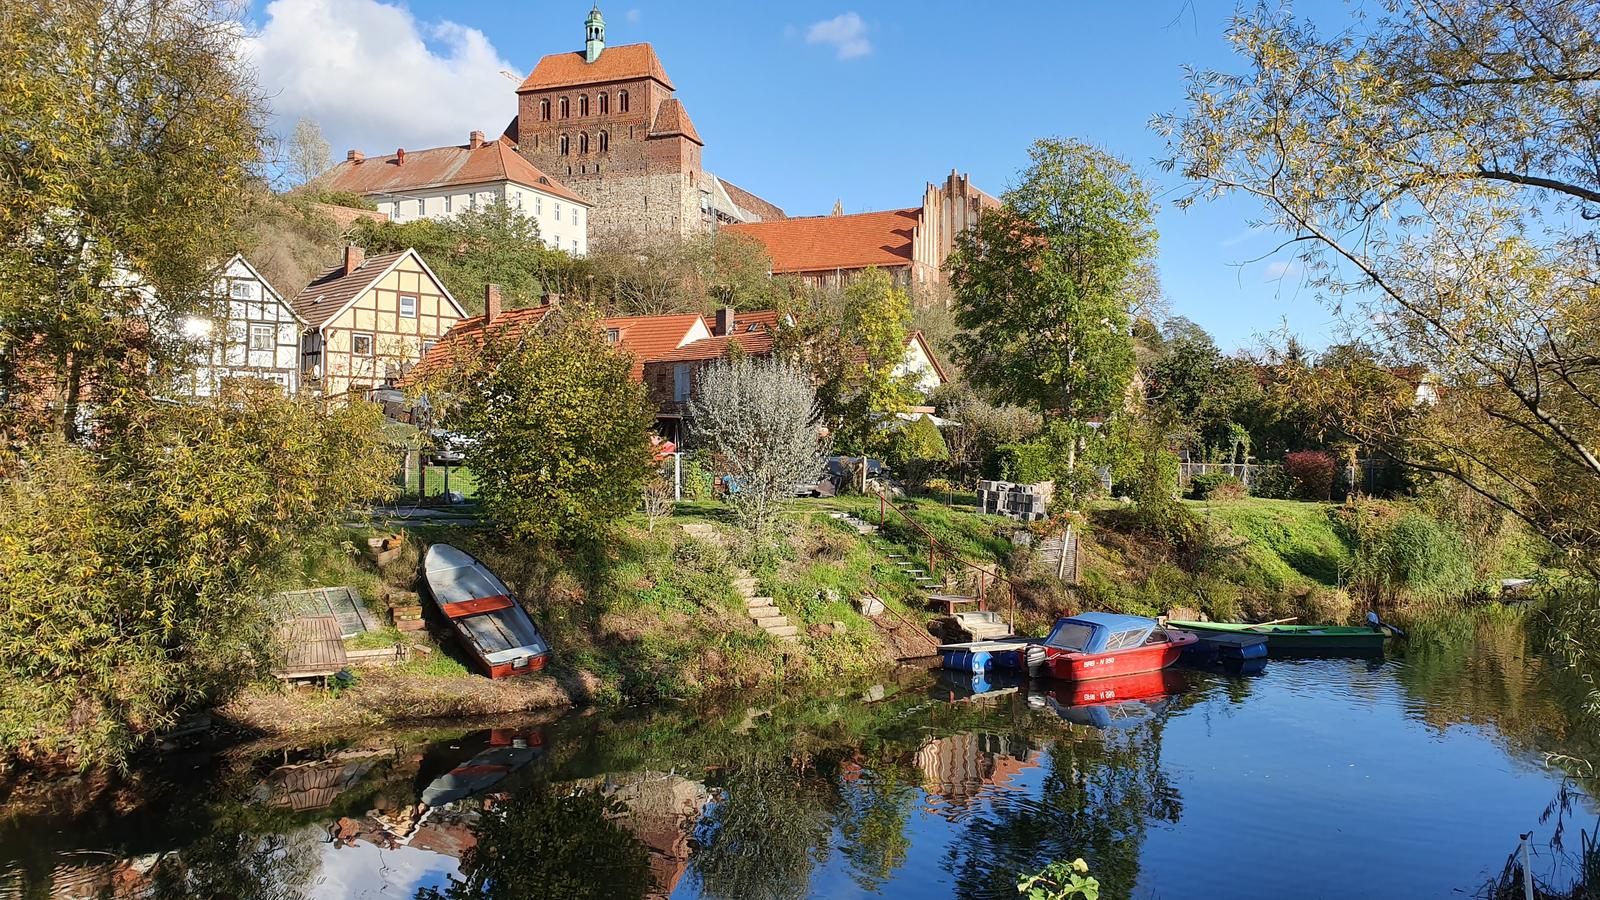 Romanischer Dom von Havelberg mit der Havel im Vordergrund, der Dom liegt auf einem kleinen Hügel.